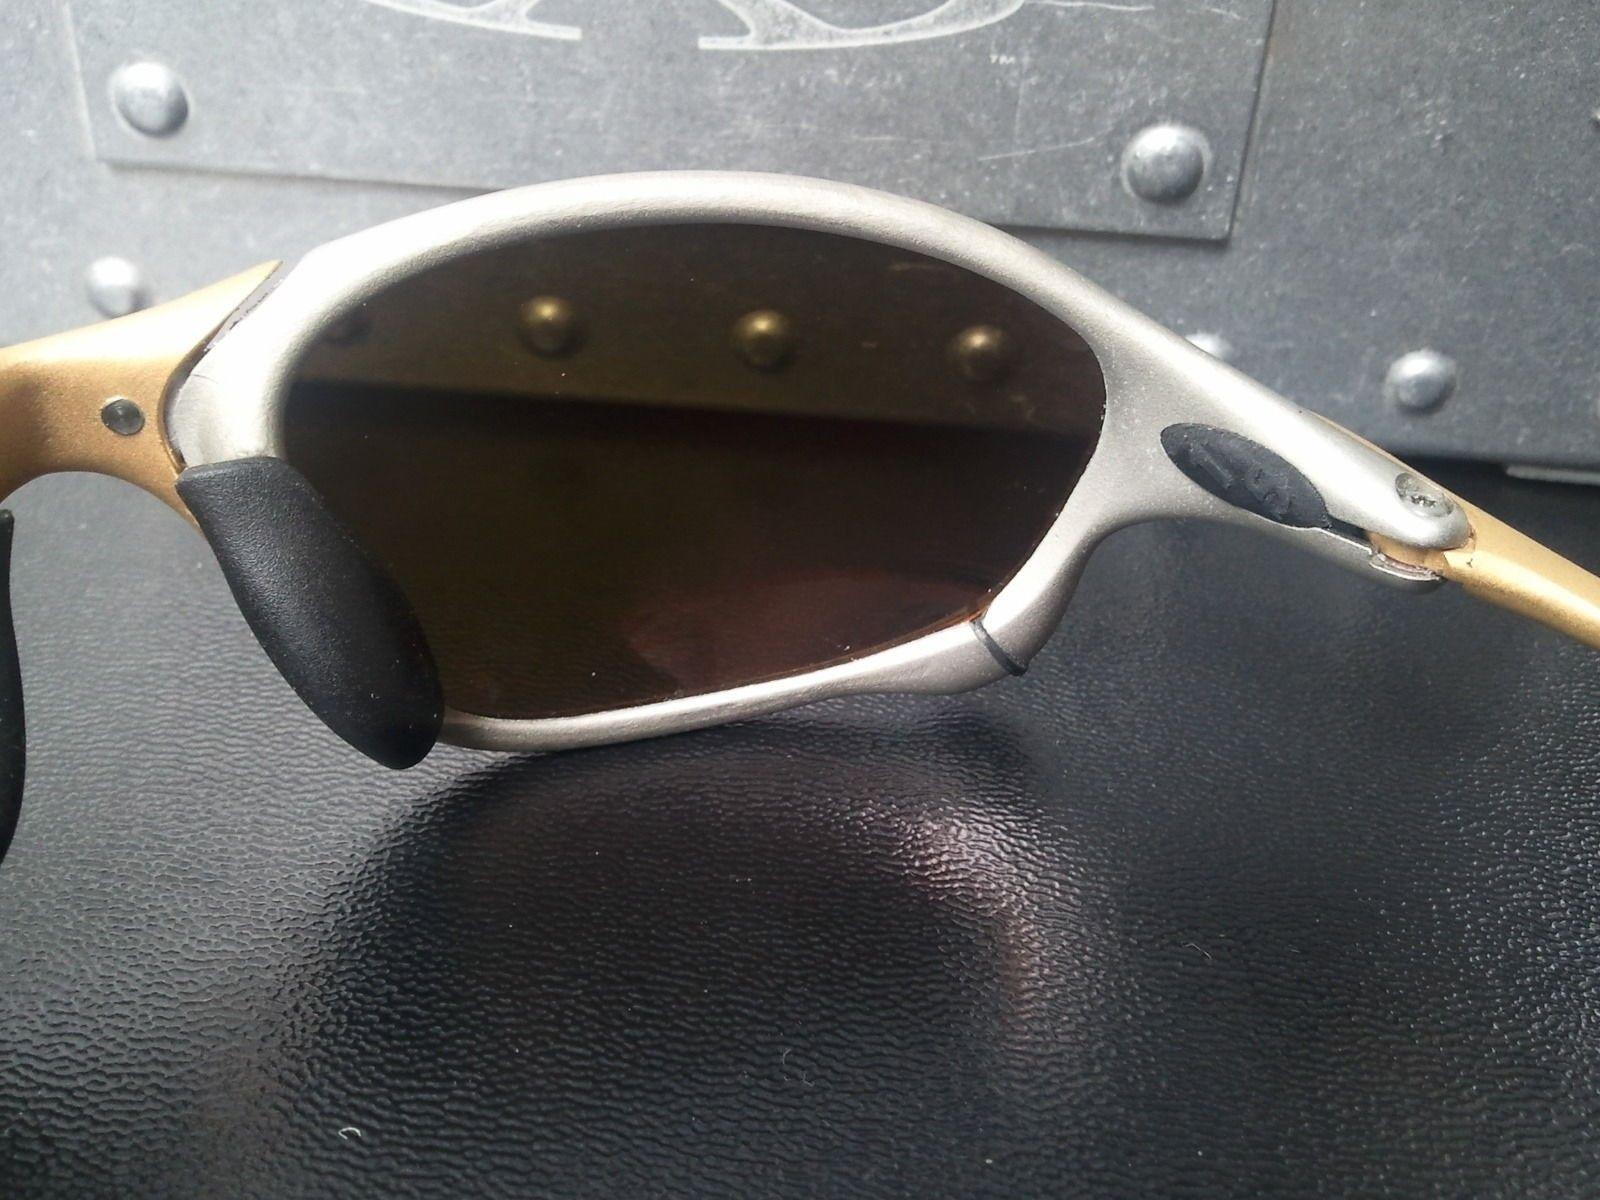 Oakley Forum 10,000 Member Giveaway - Oakley_XMetal_XX_24K_Sunglasses_7.JPG